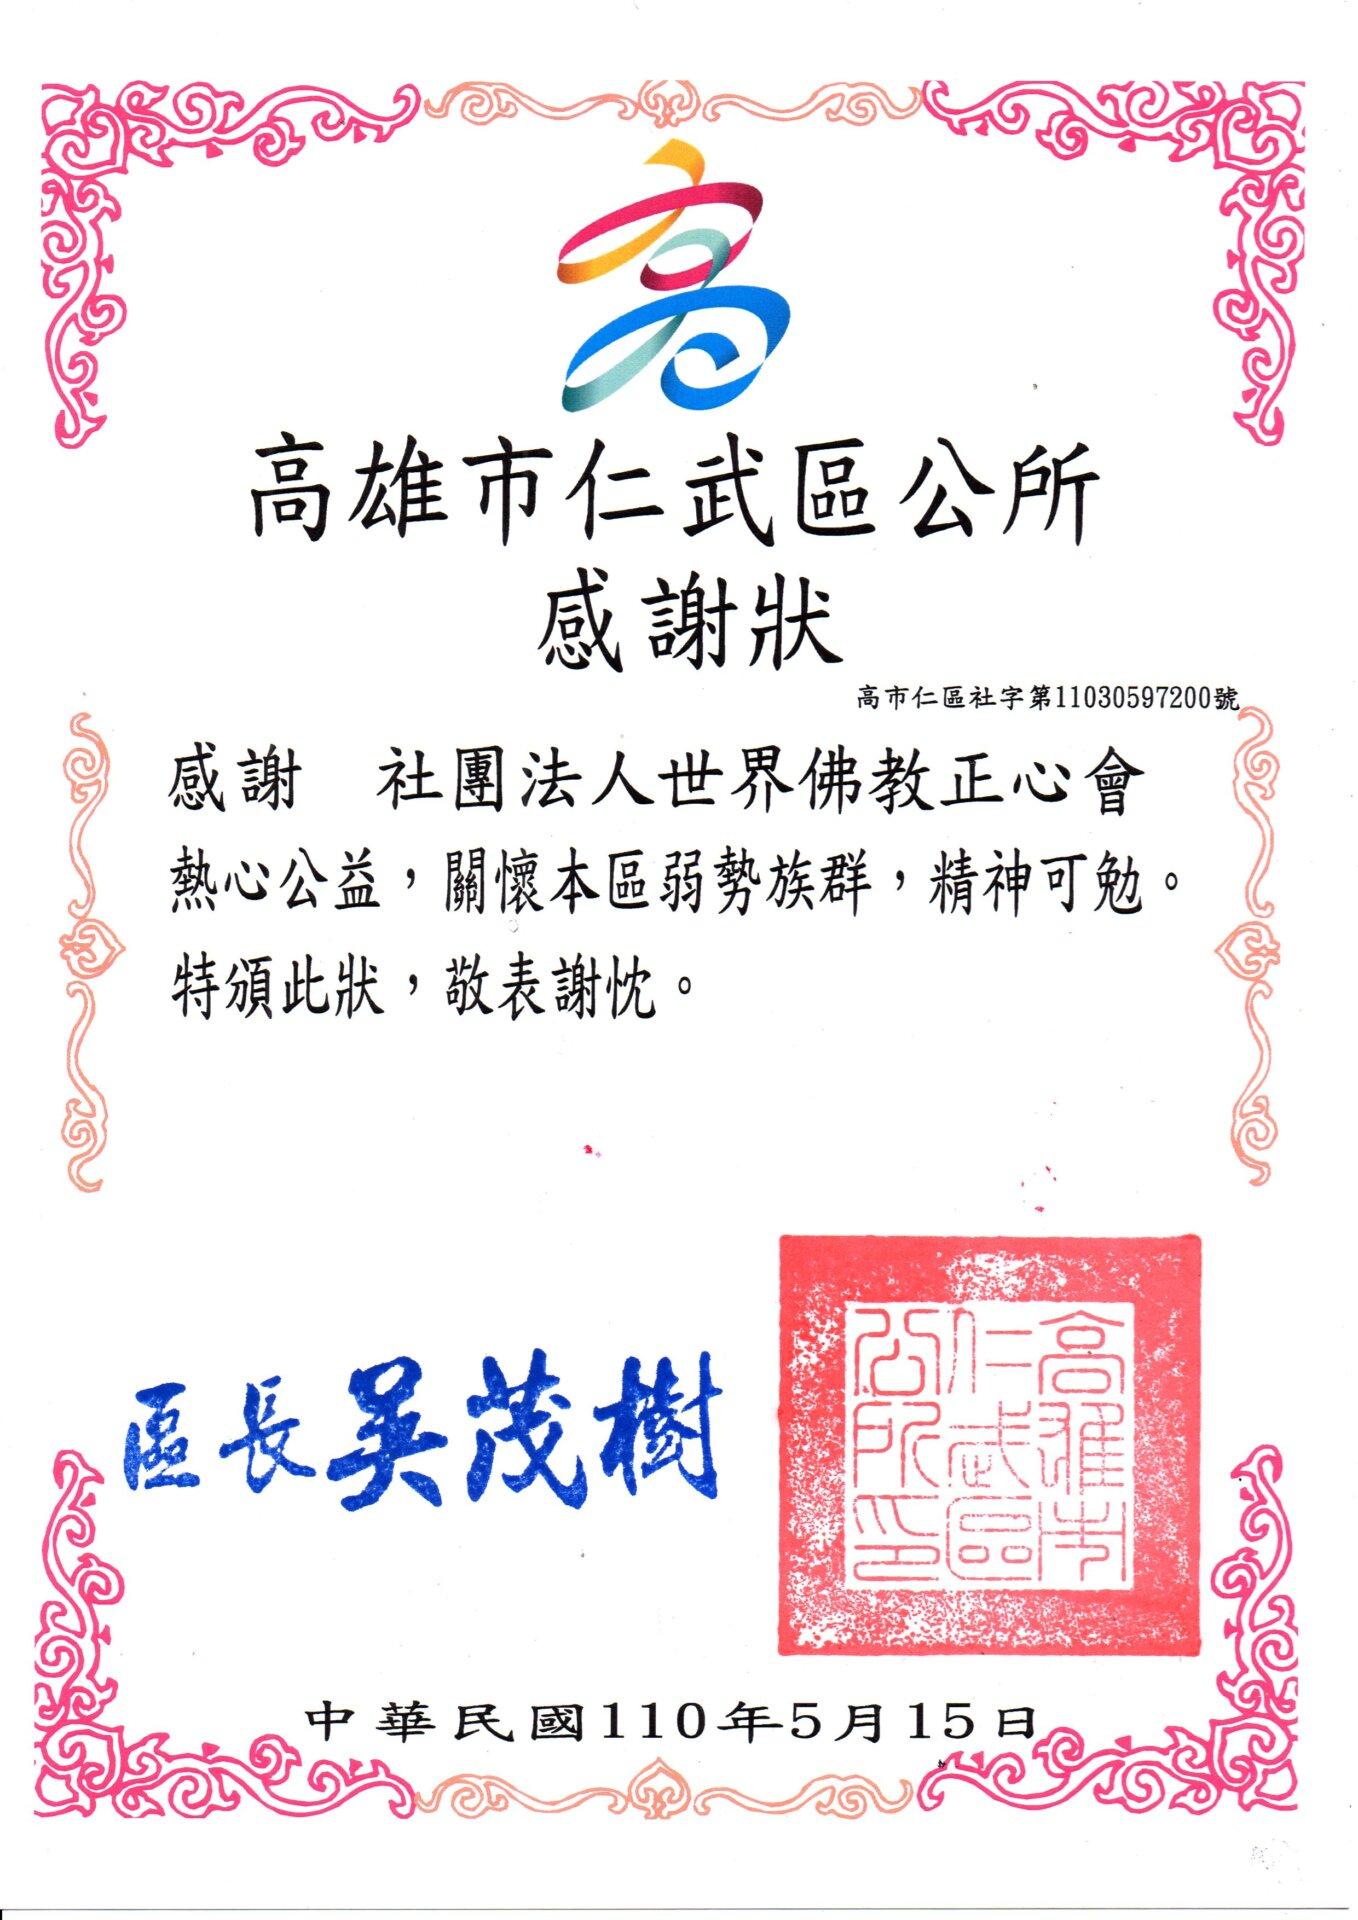 2021-0515仁武區公所感謝狀